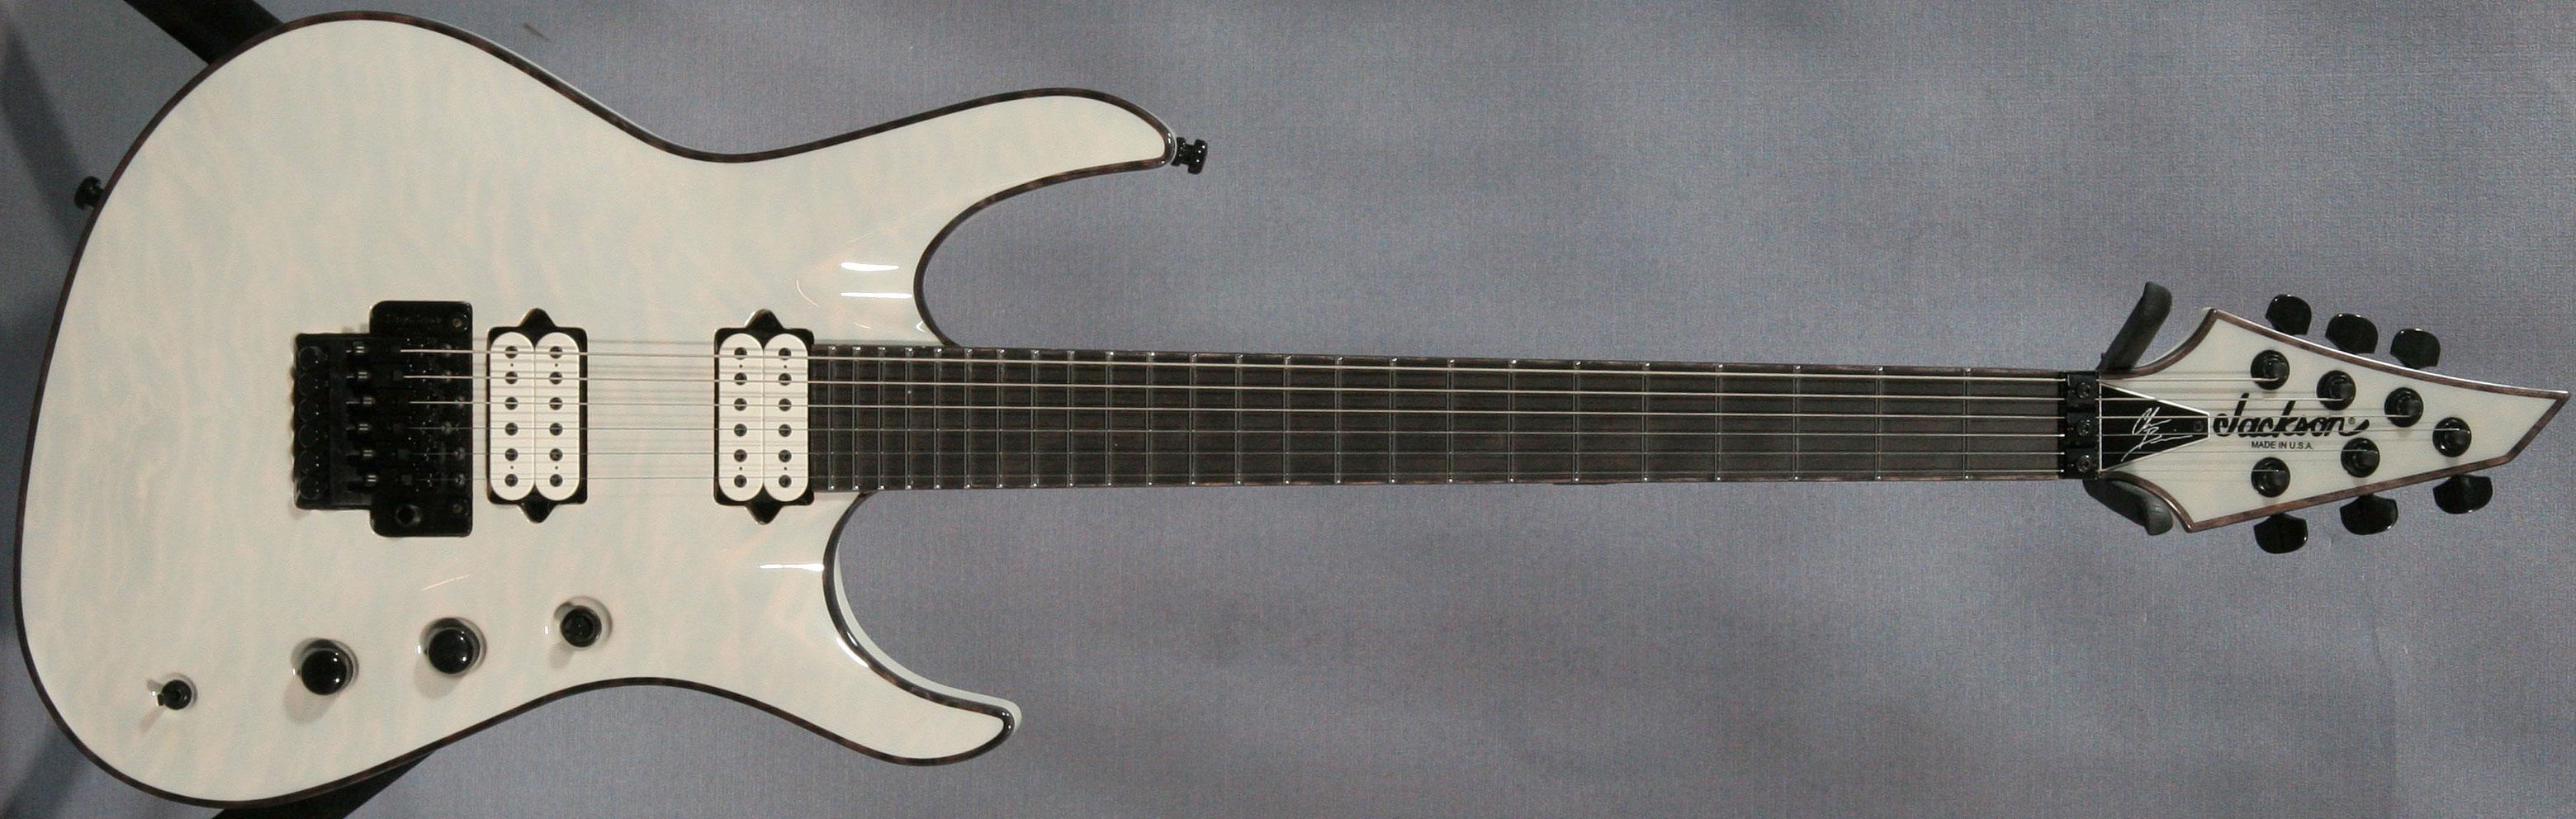 Neck Through Body Guitar Examples